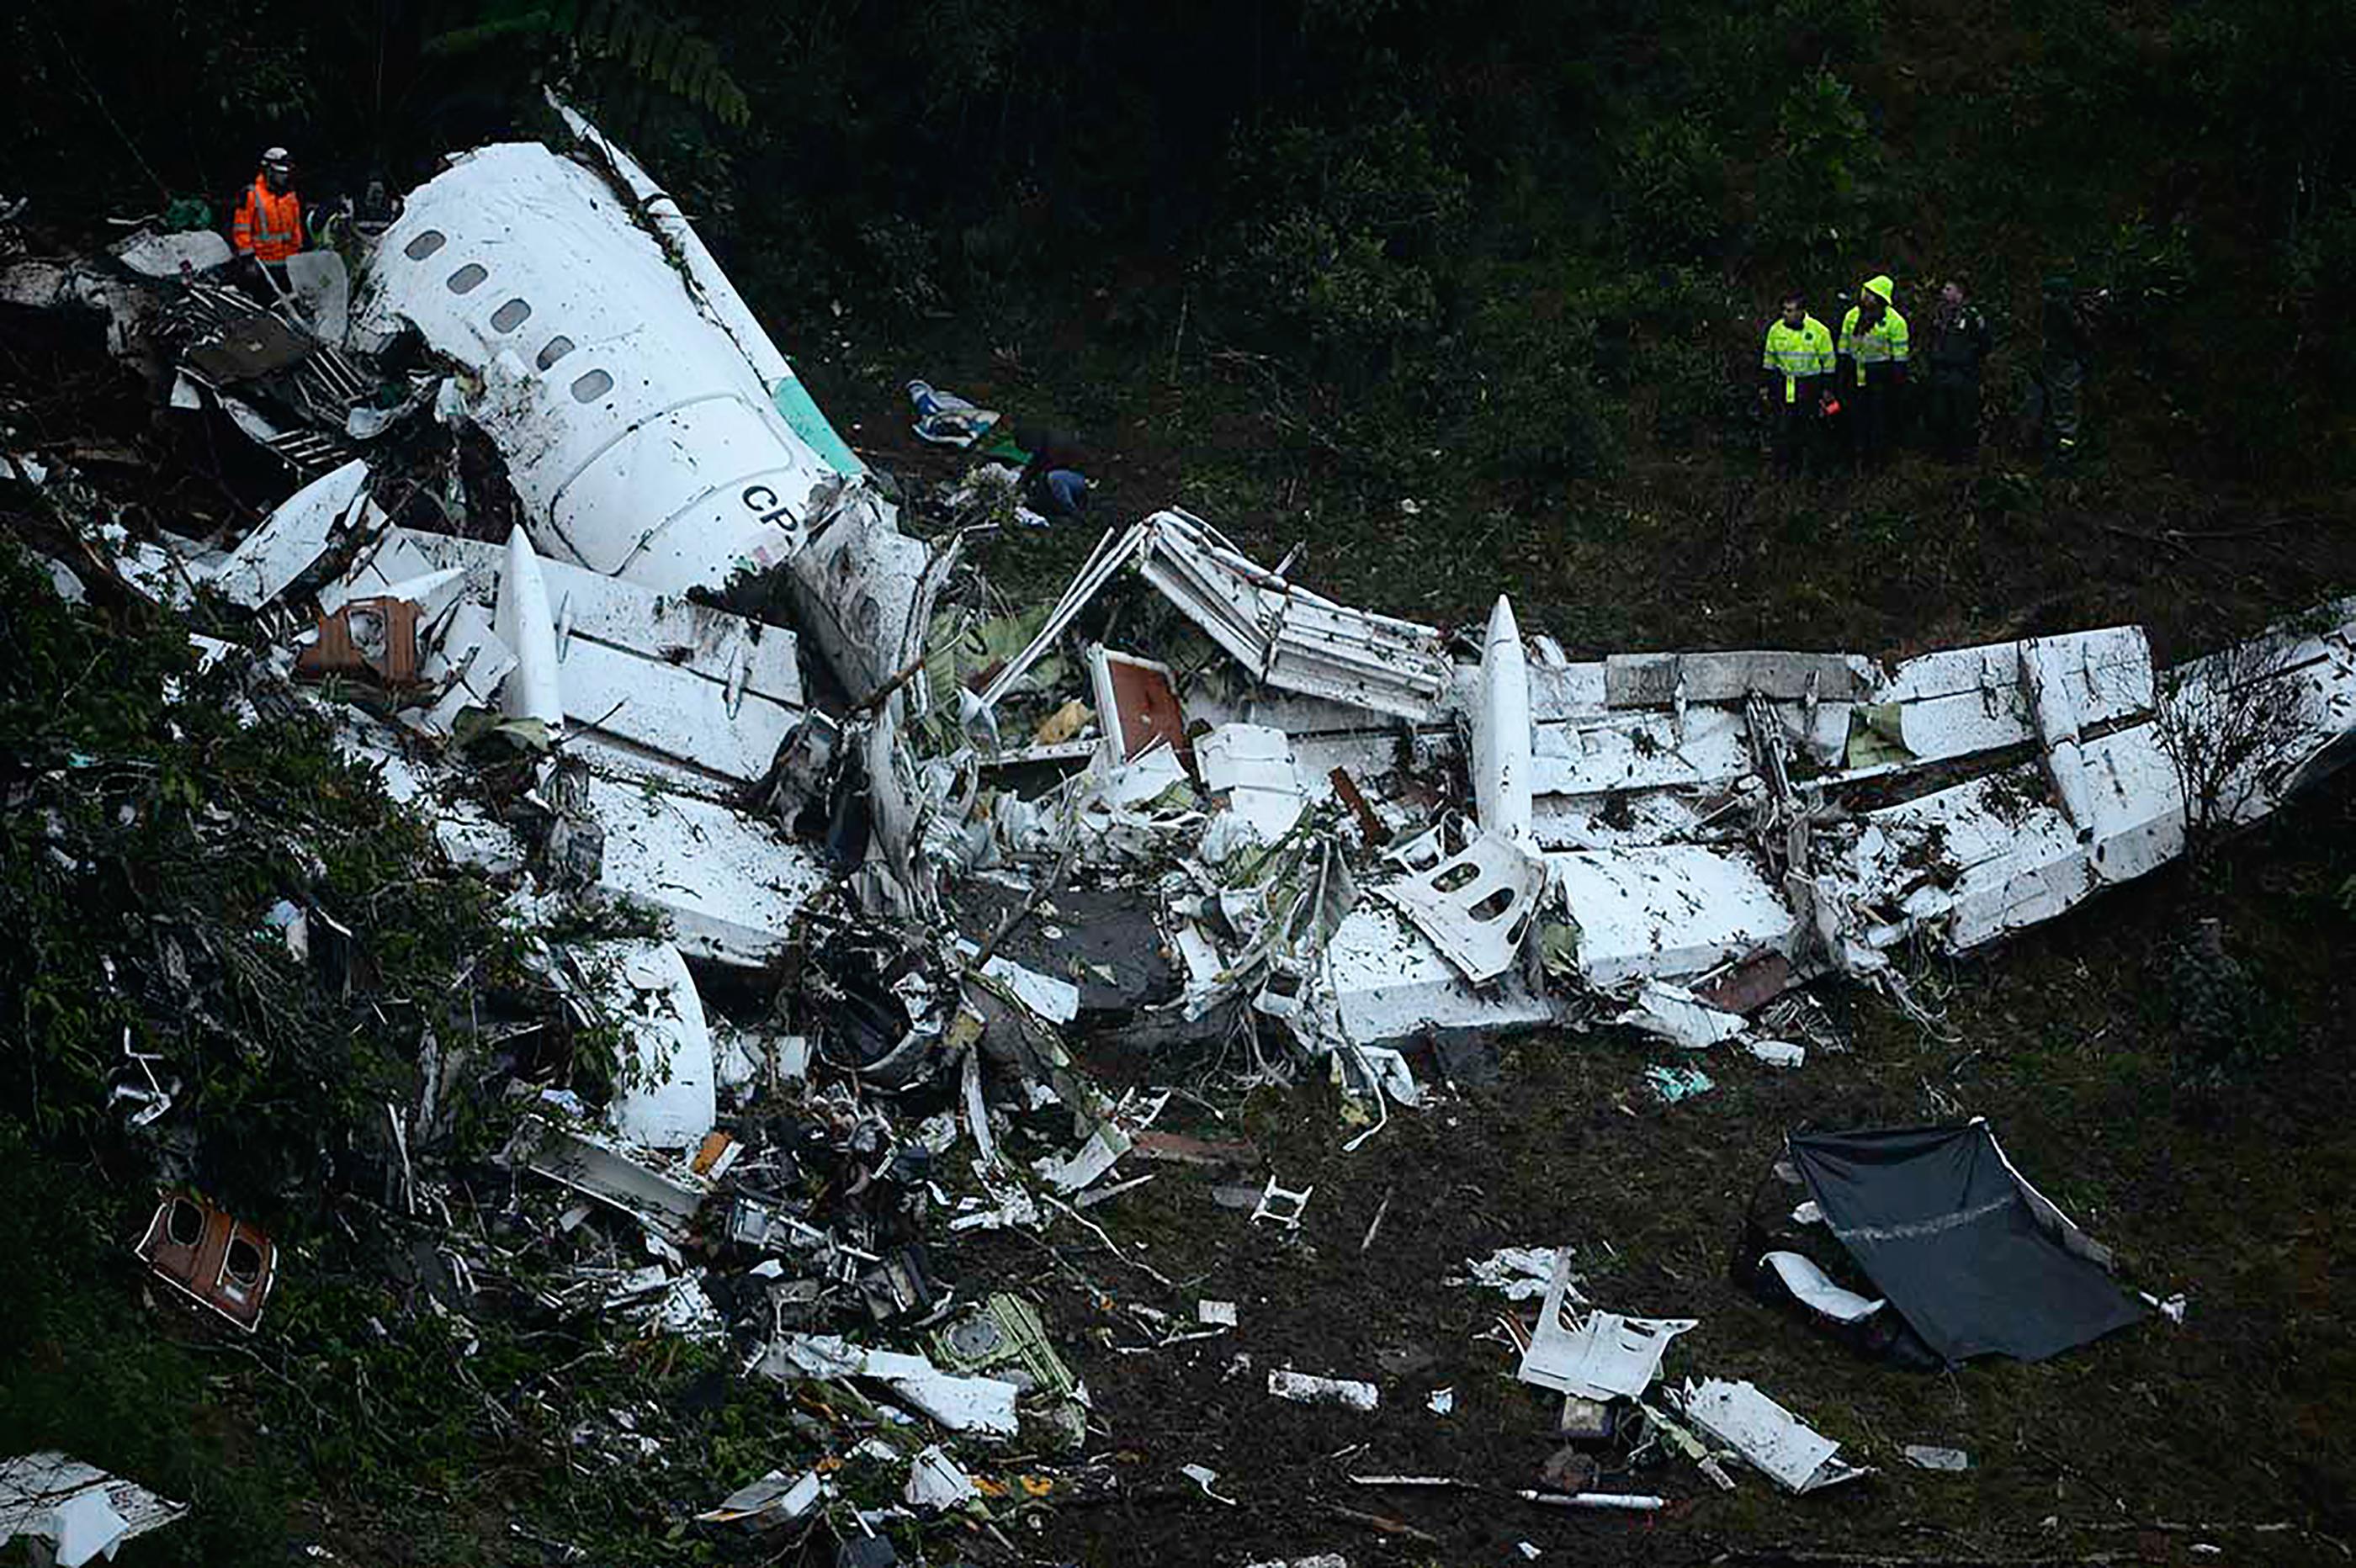 Les débris de l'avion de la compagnie Lamia, le 29 novembre